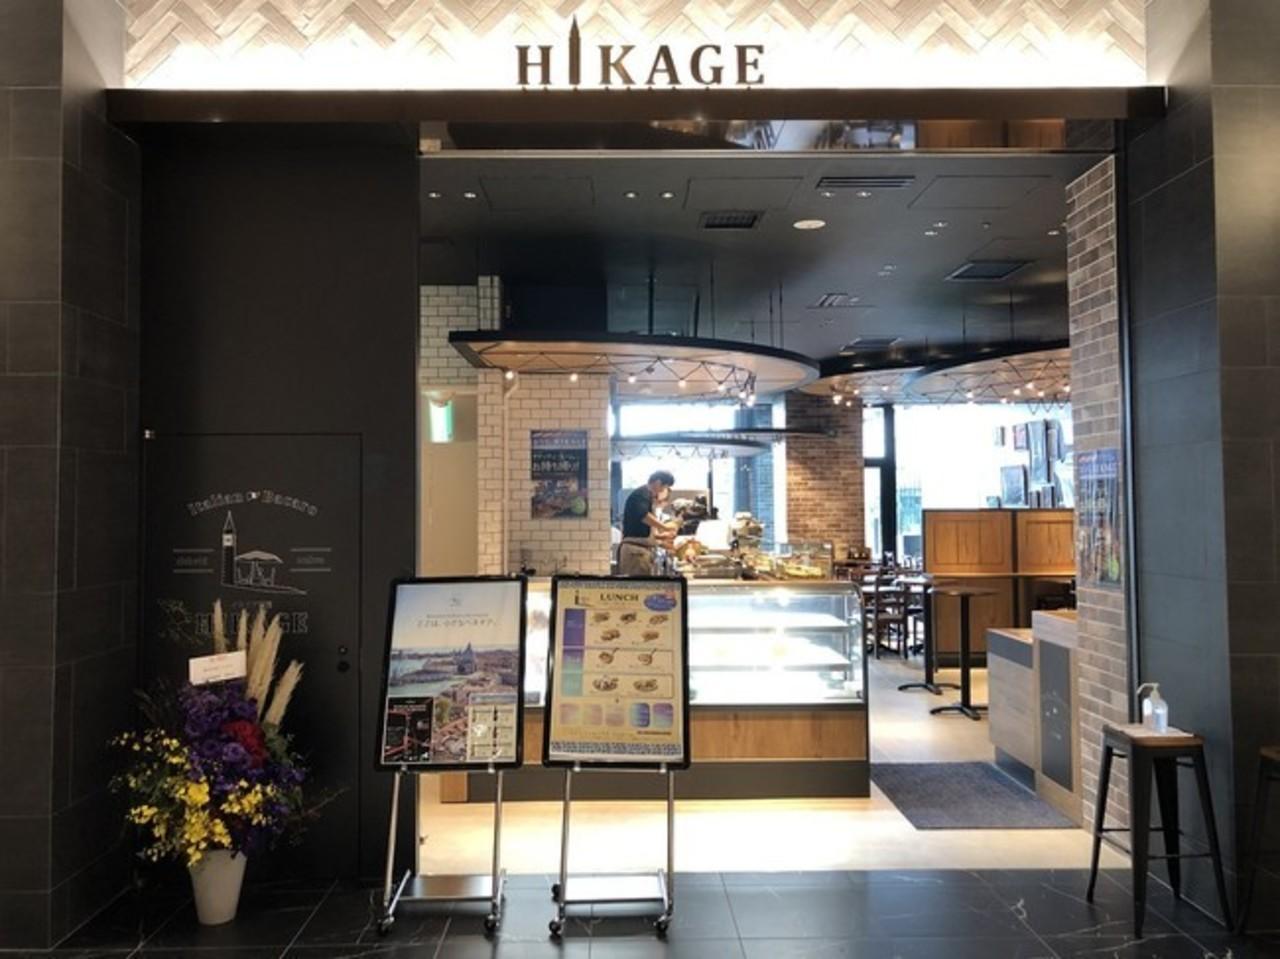 東京都港区海岸の東京ポートシティ竹芝2Fに「イタリア酒場ヒカゲ」9月14日オープン!